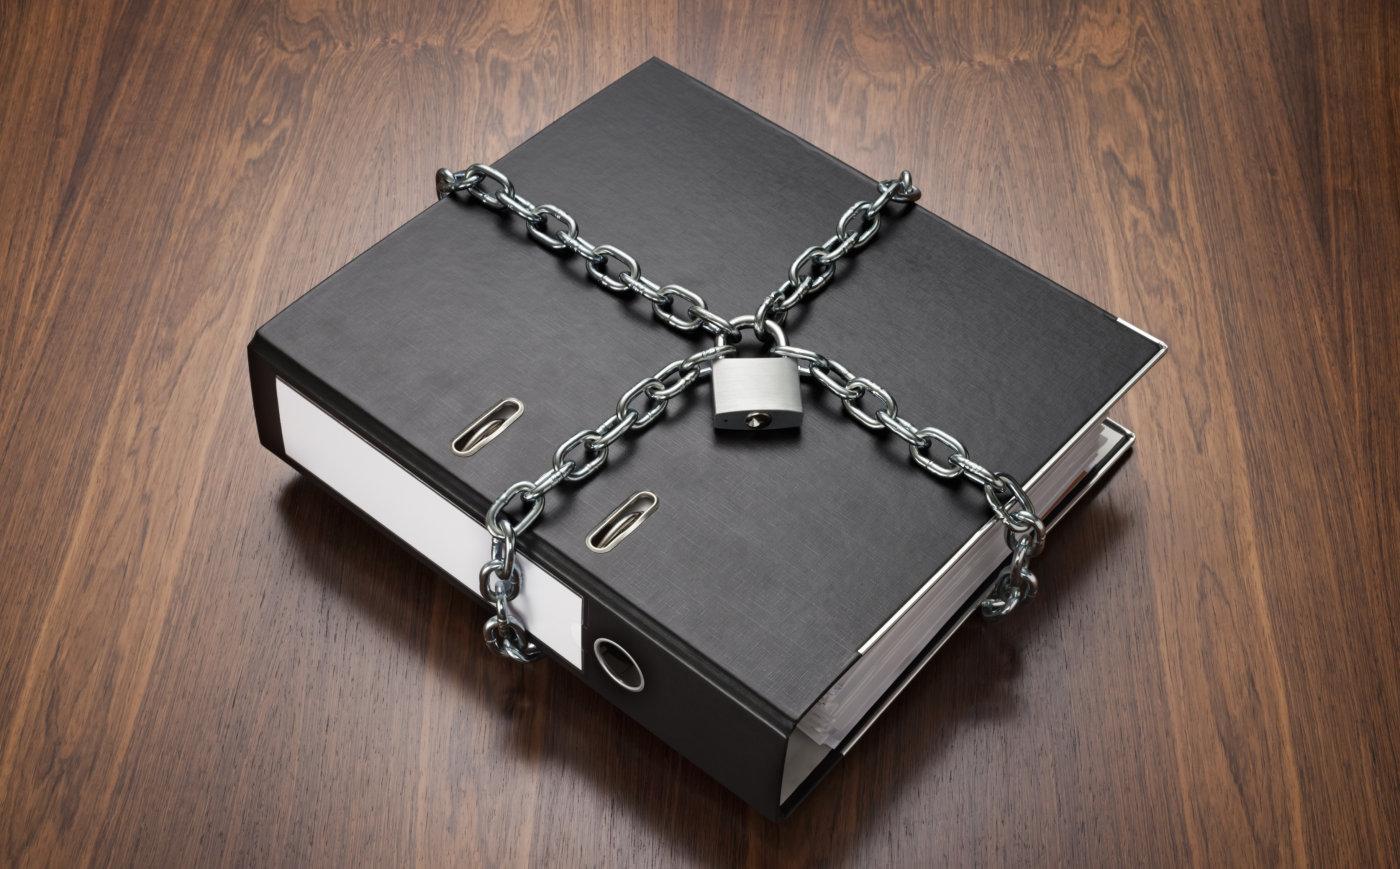 Photo of BitTorrent Sync adauga foldere criptate